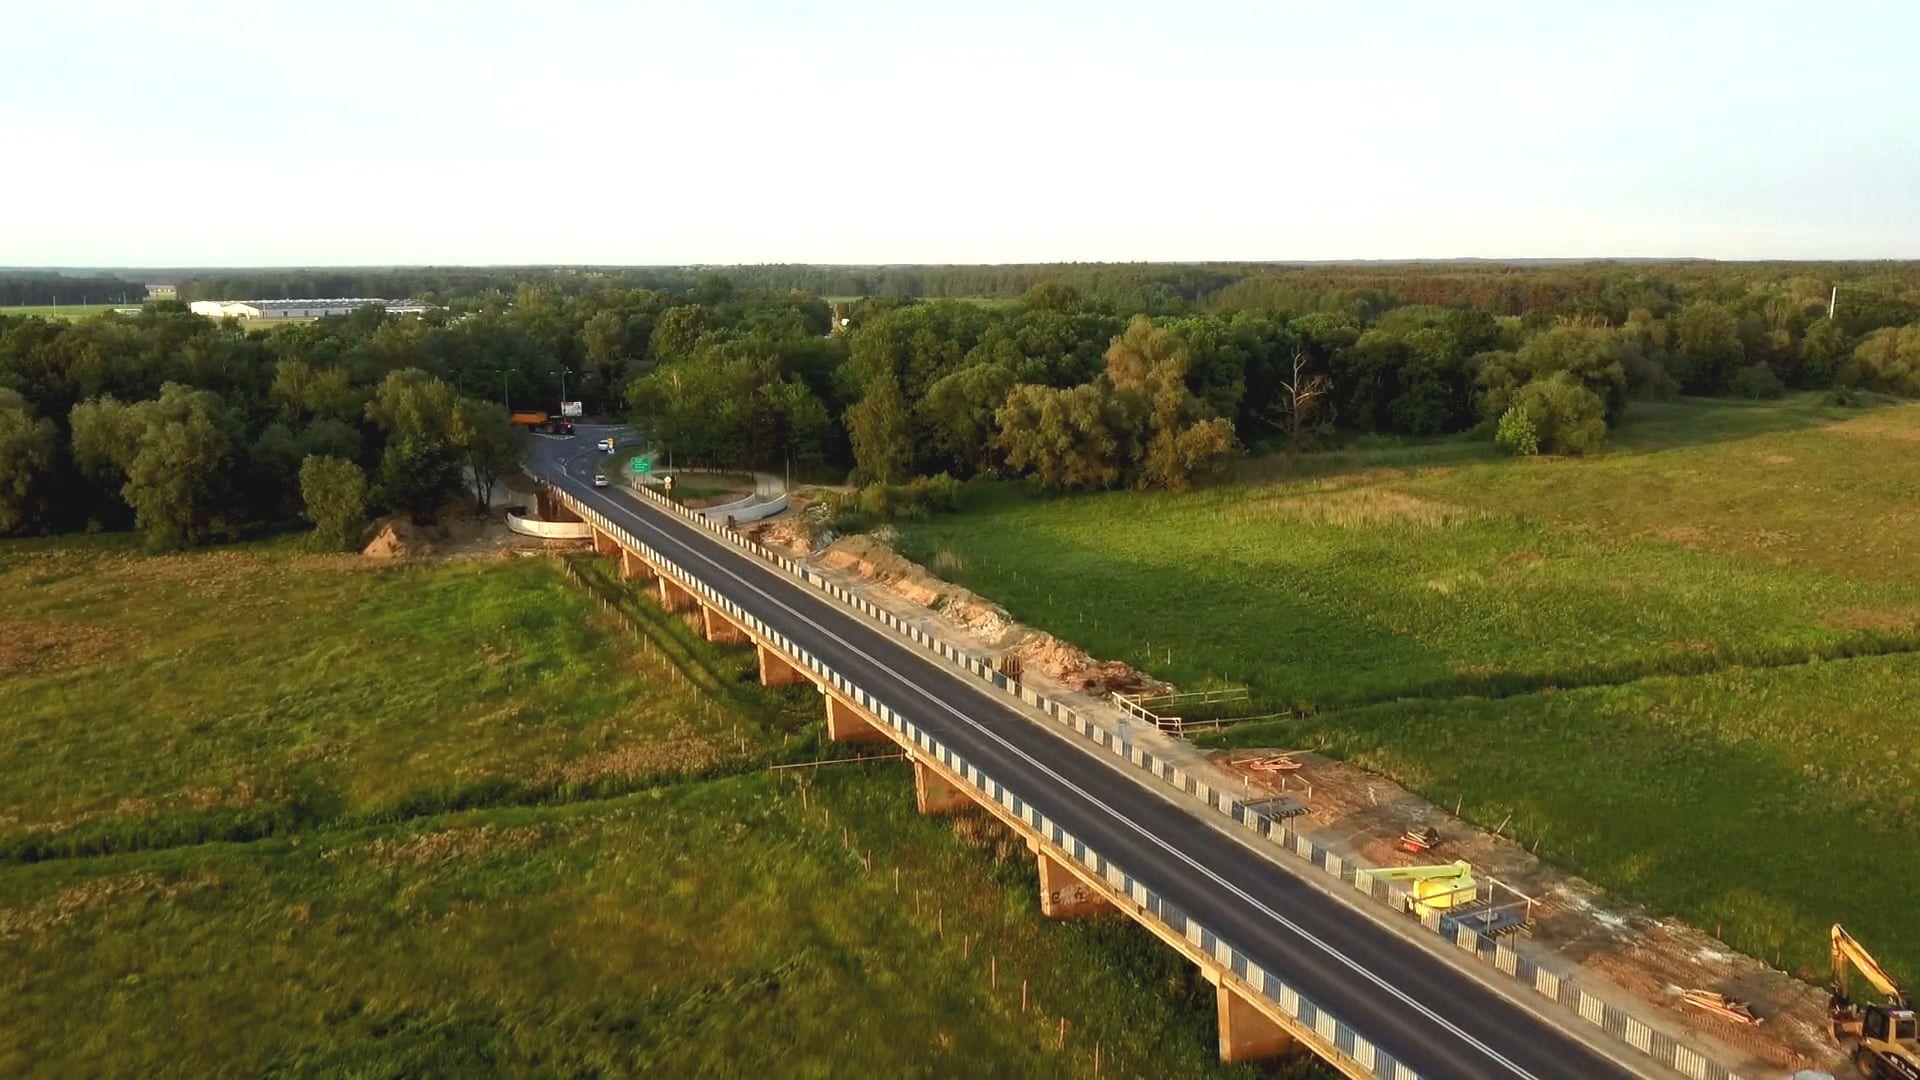 Remont mostu na Kanale Ulgi. Jest oferta mieszcząca się w budżecie